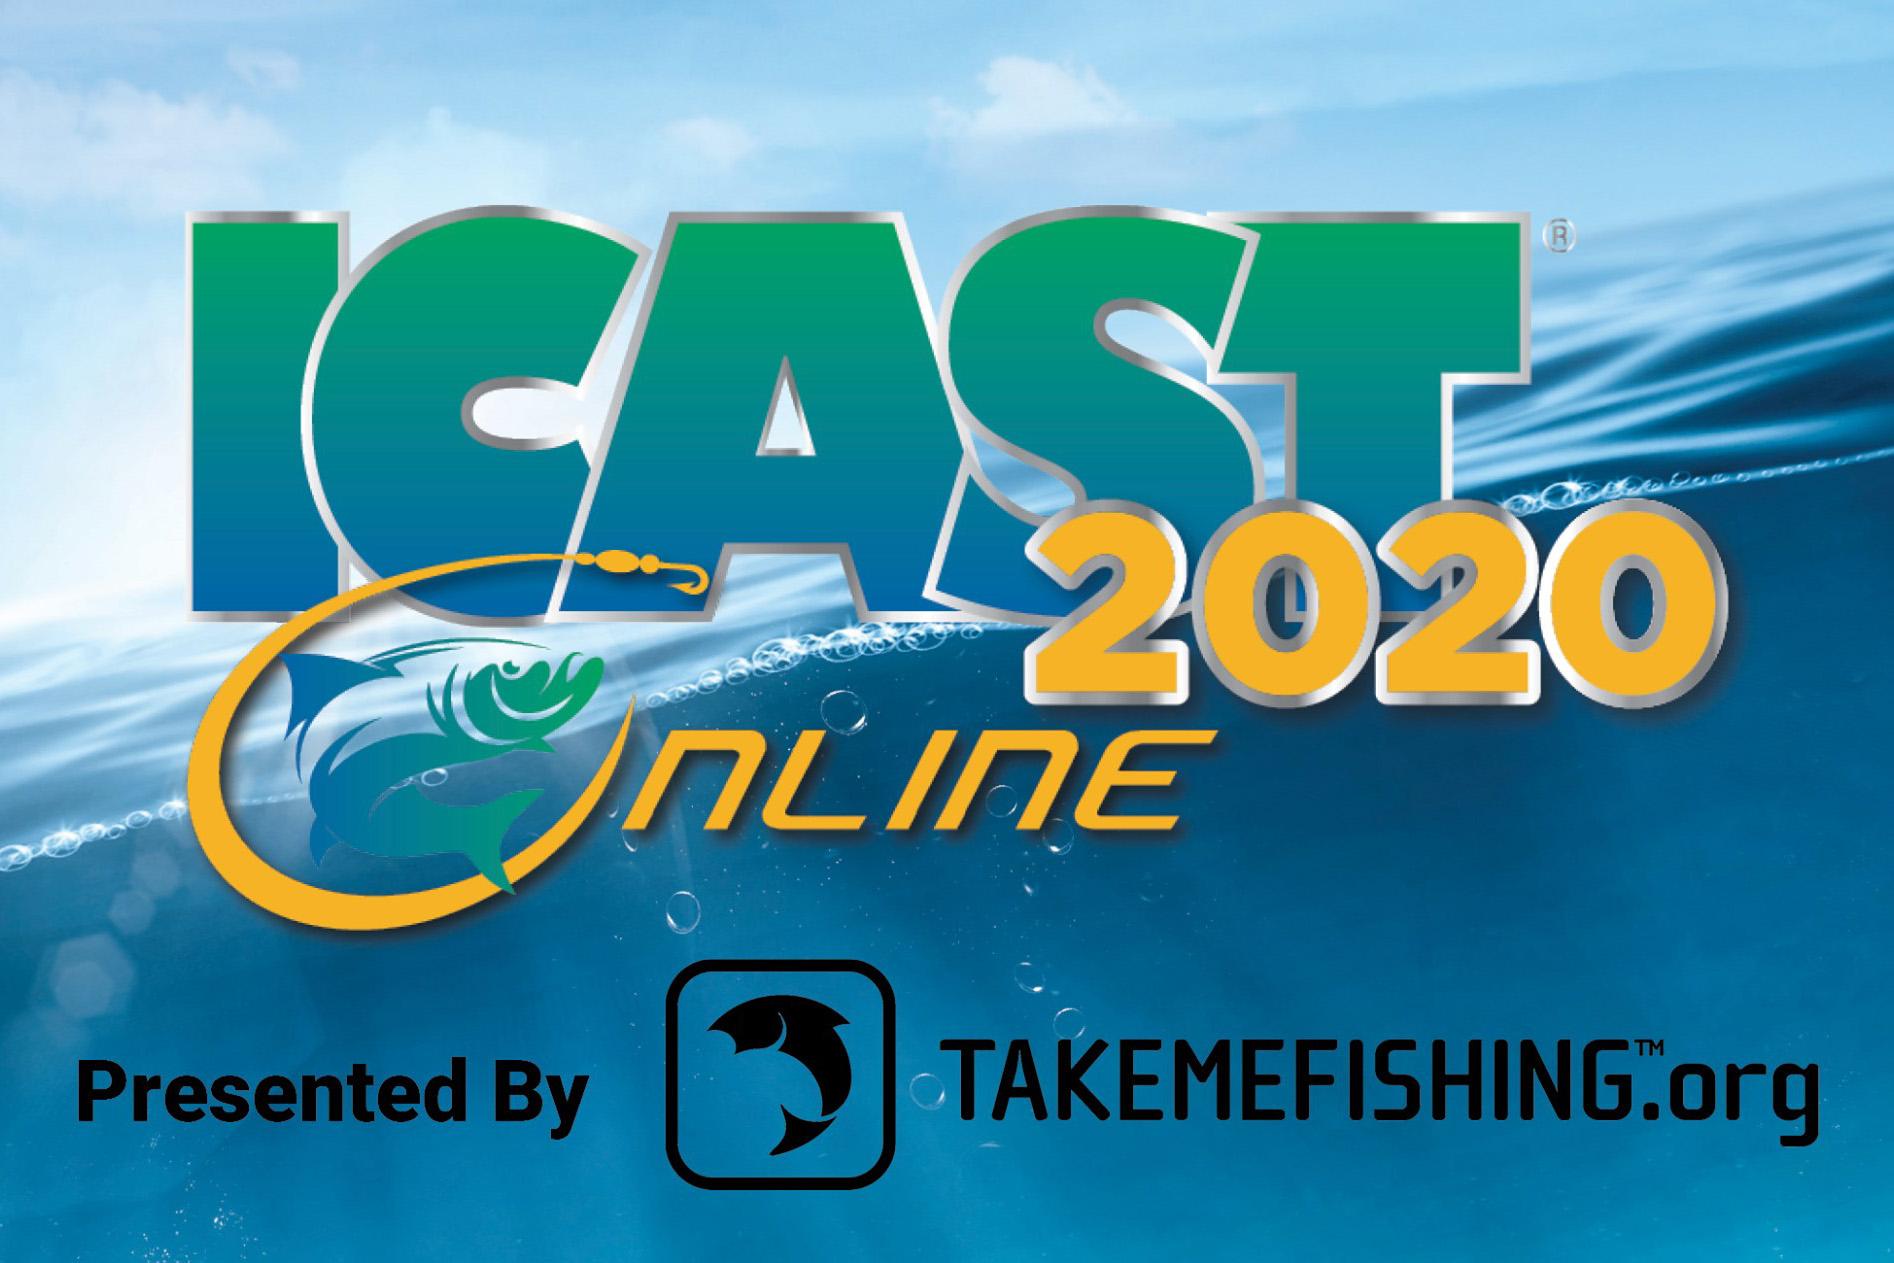 ICAST 2020 Logo